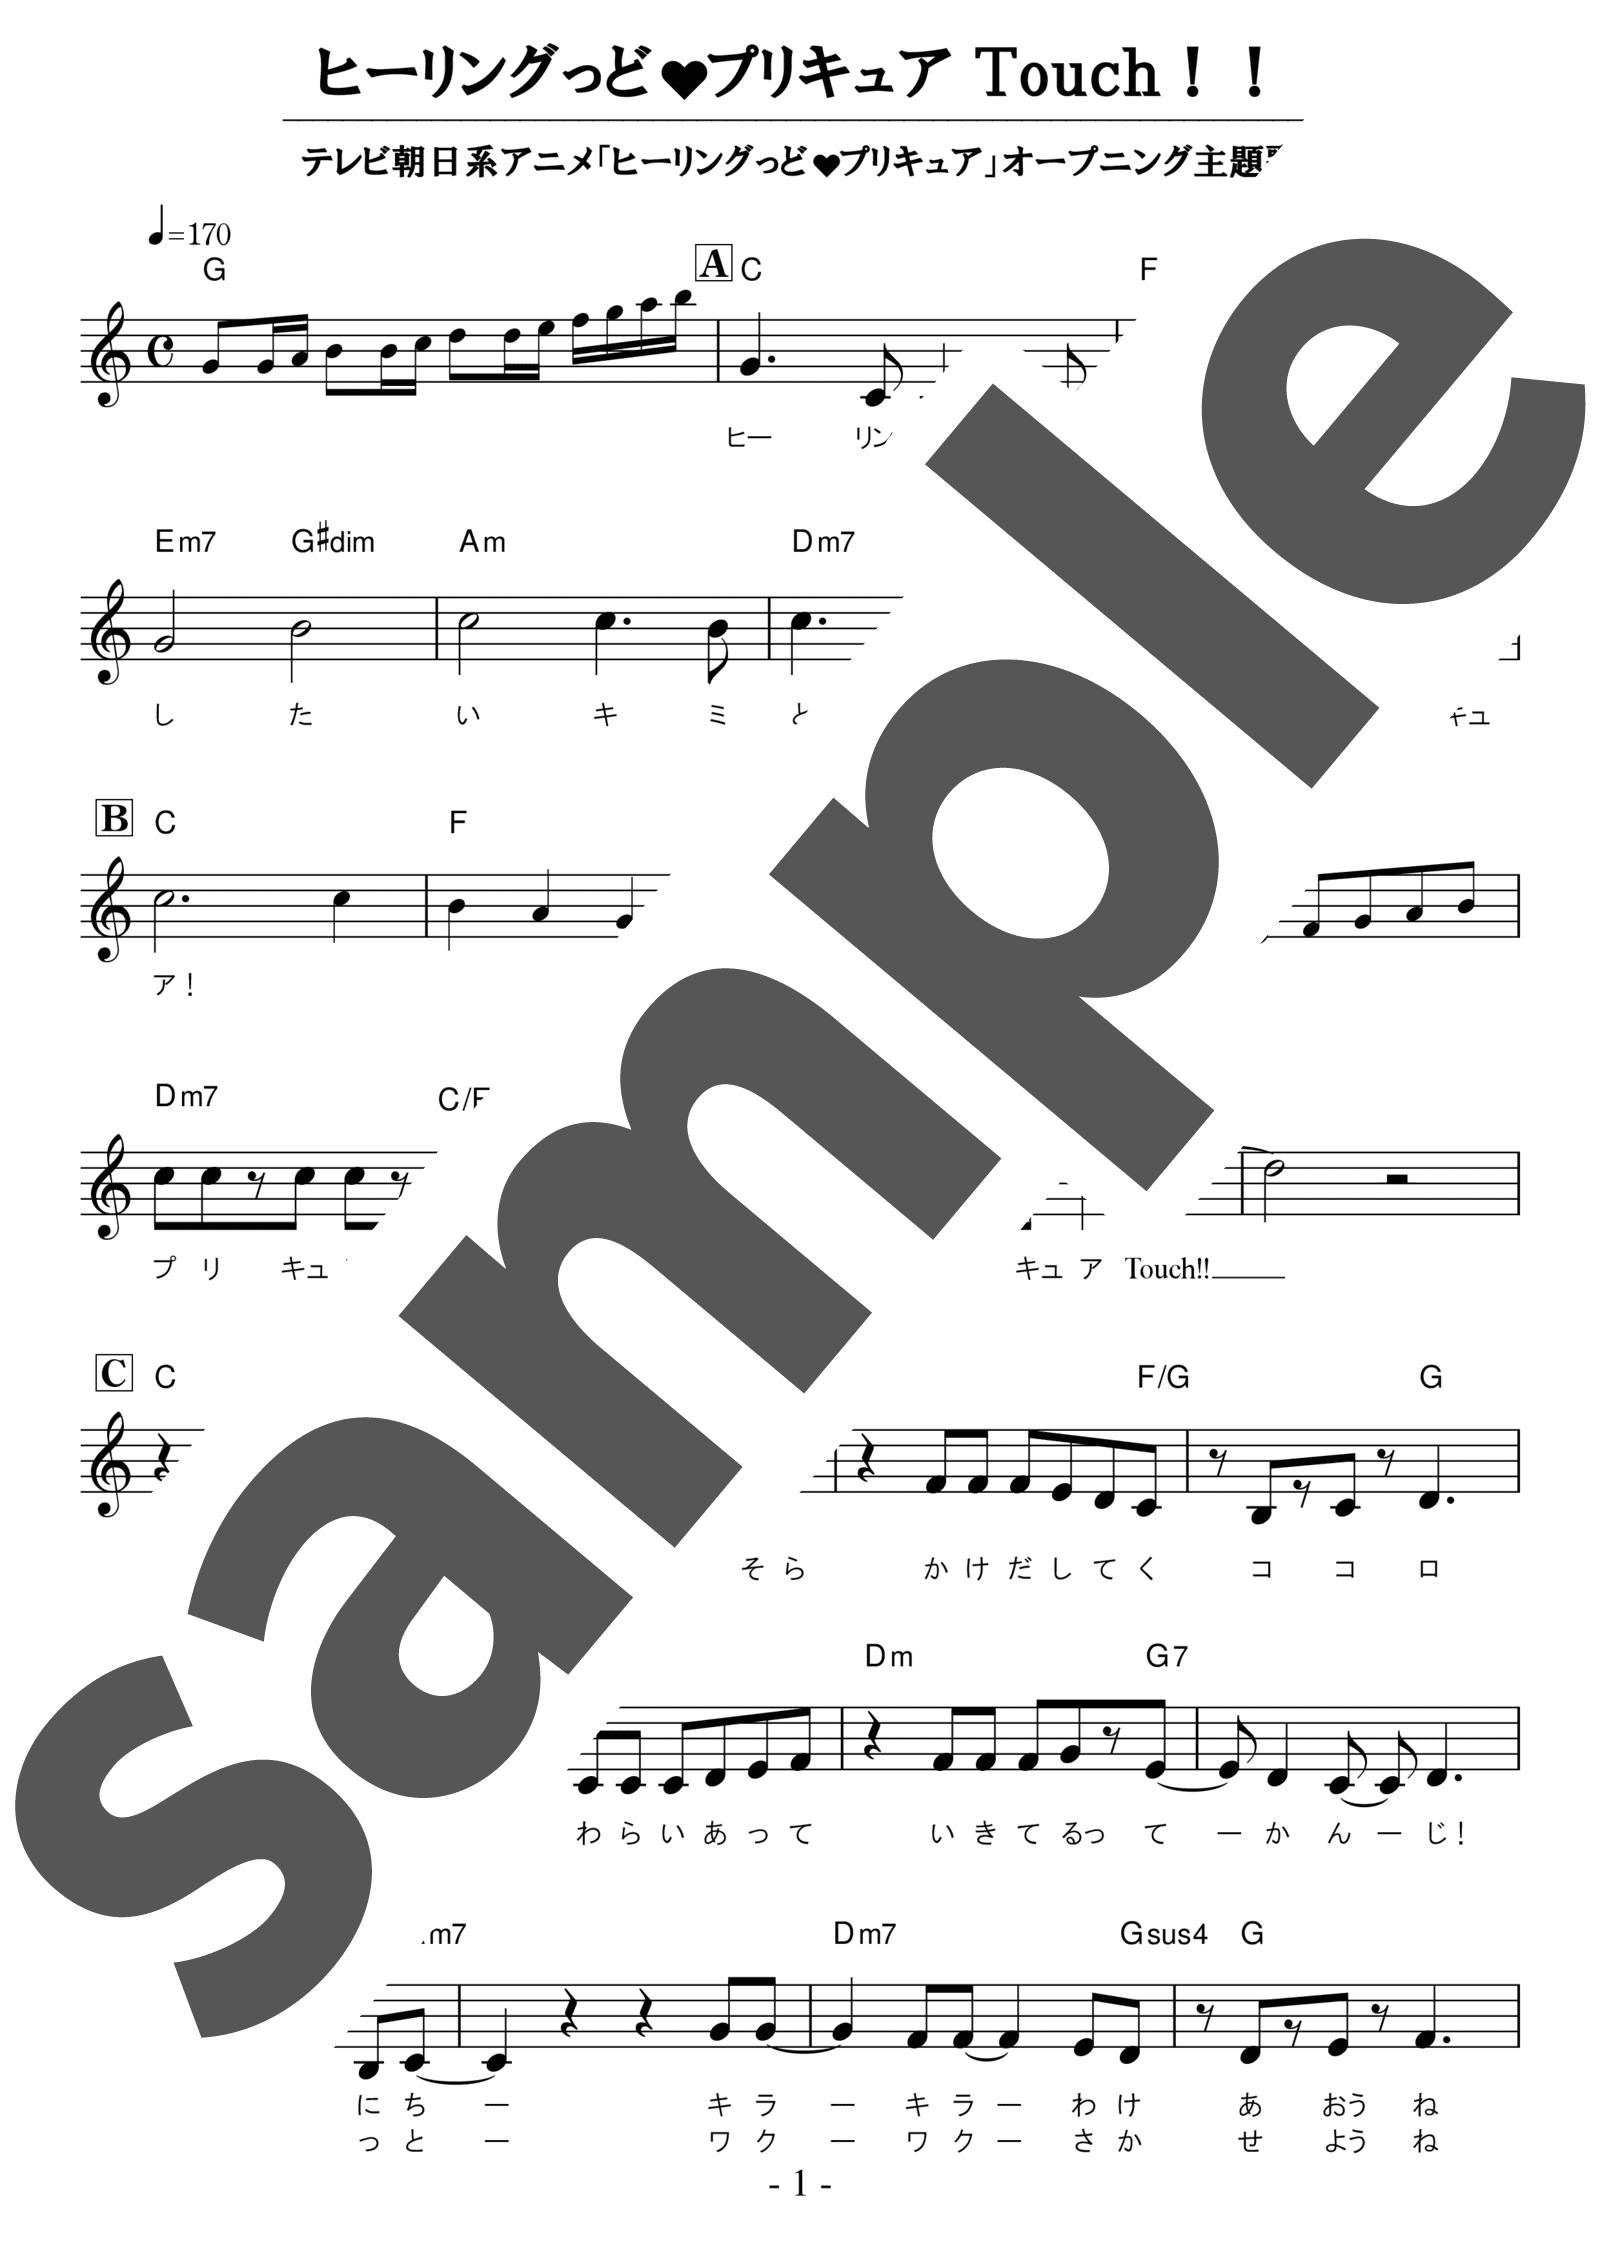 「ヒーリングっど プリキュア Touch!!」のサンプル楽譜